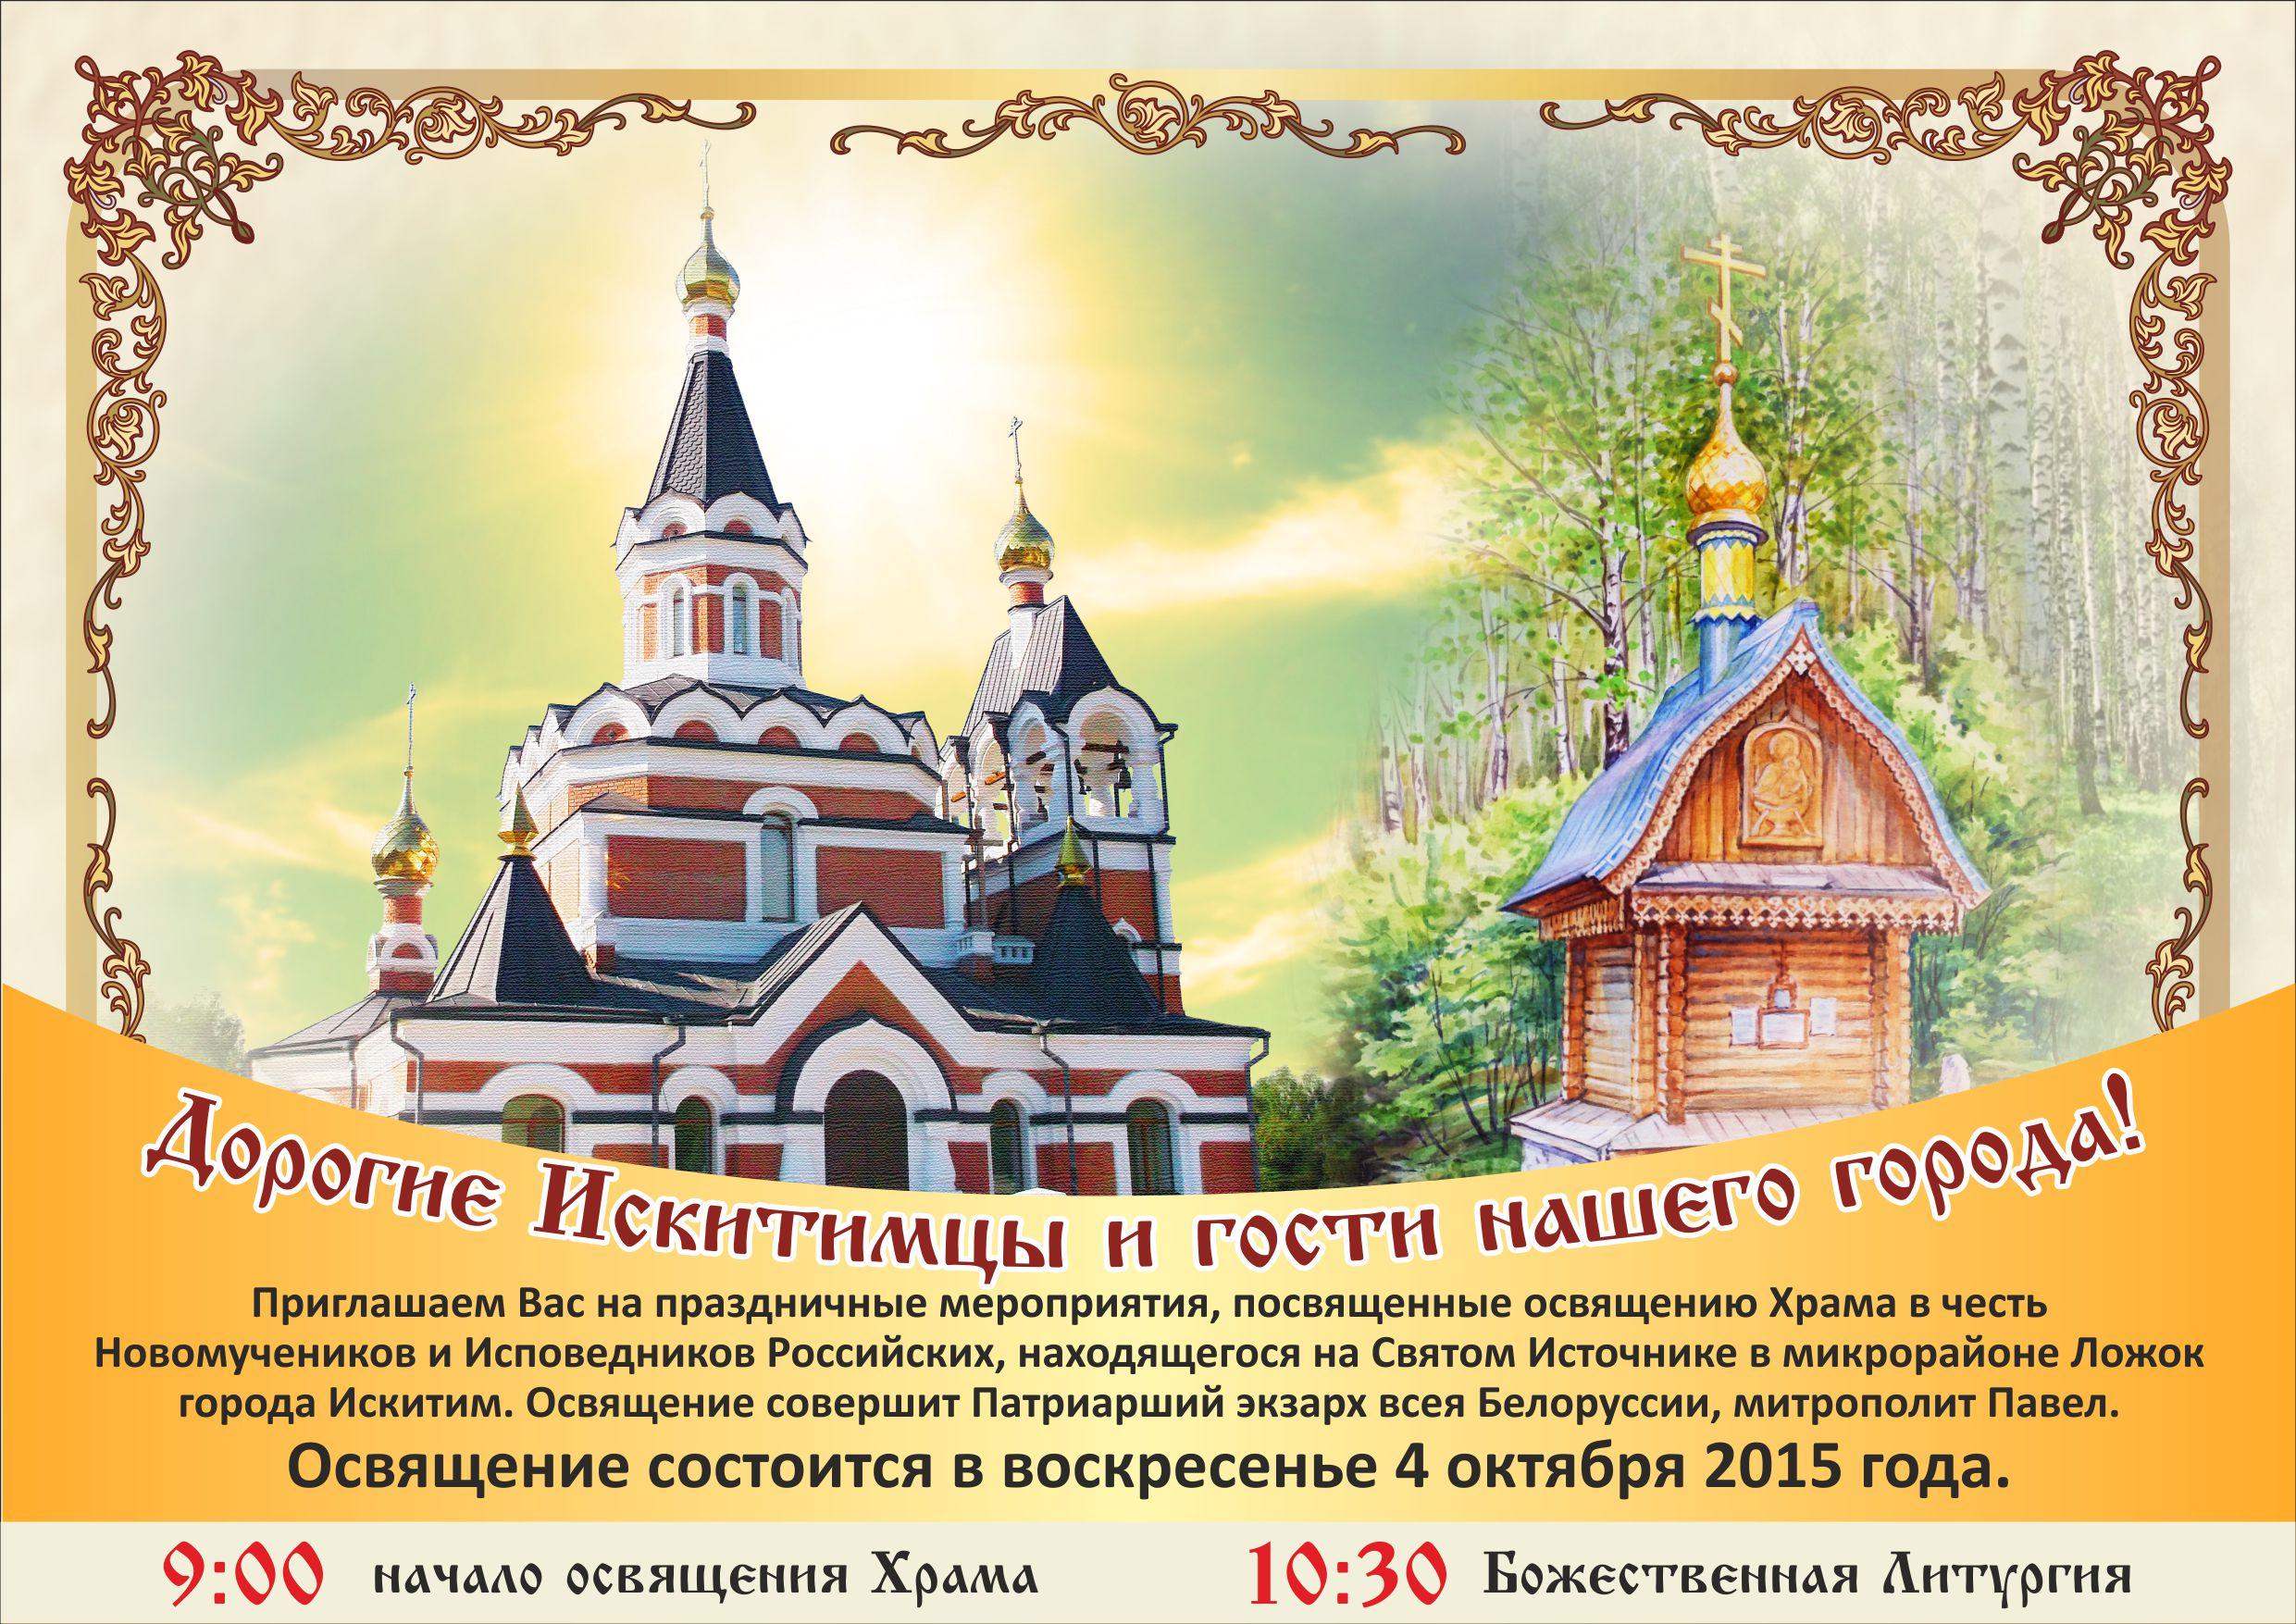 4 октября 2015 года состоится священие Храма в честь Новомучеников и Исповедников Российских на Святом Источнике